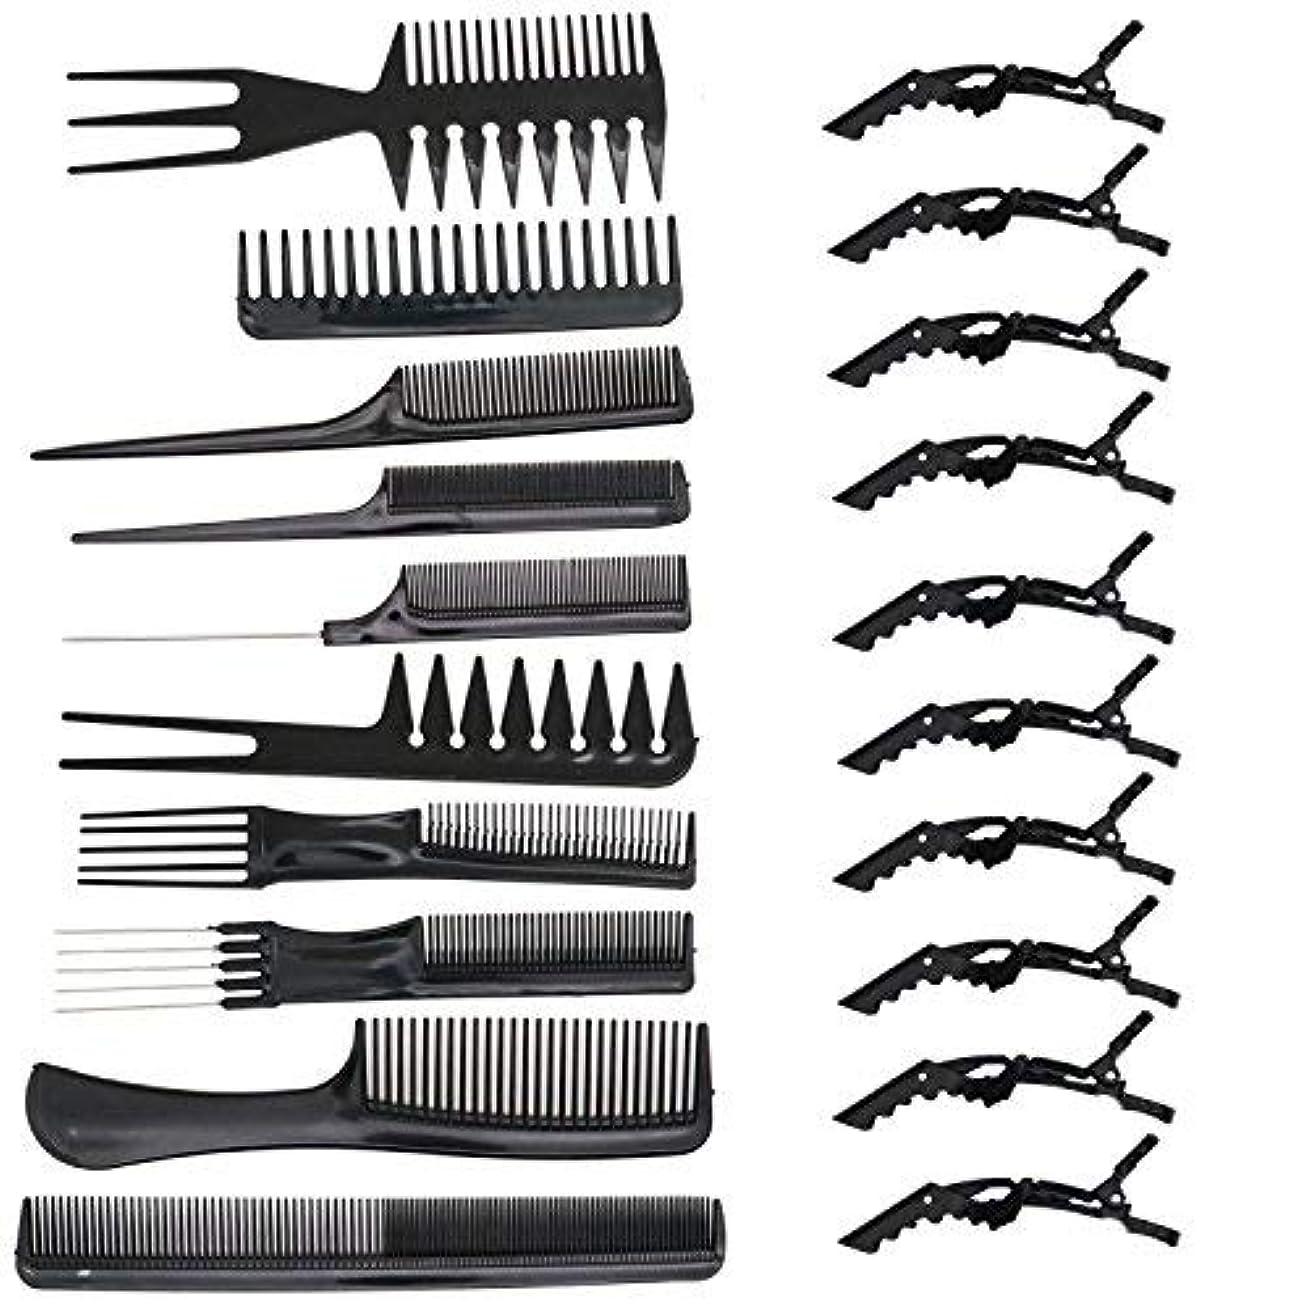 窒素自治的チートHUELE 10 Pcs Professional Hair Styling Comb with Styling Clips Hair Salon Styling Barbers Set Kit [並行輸入品]